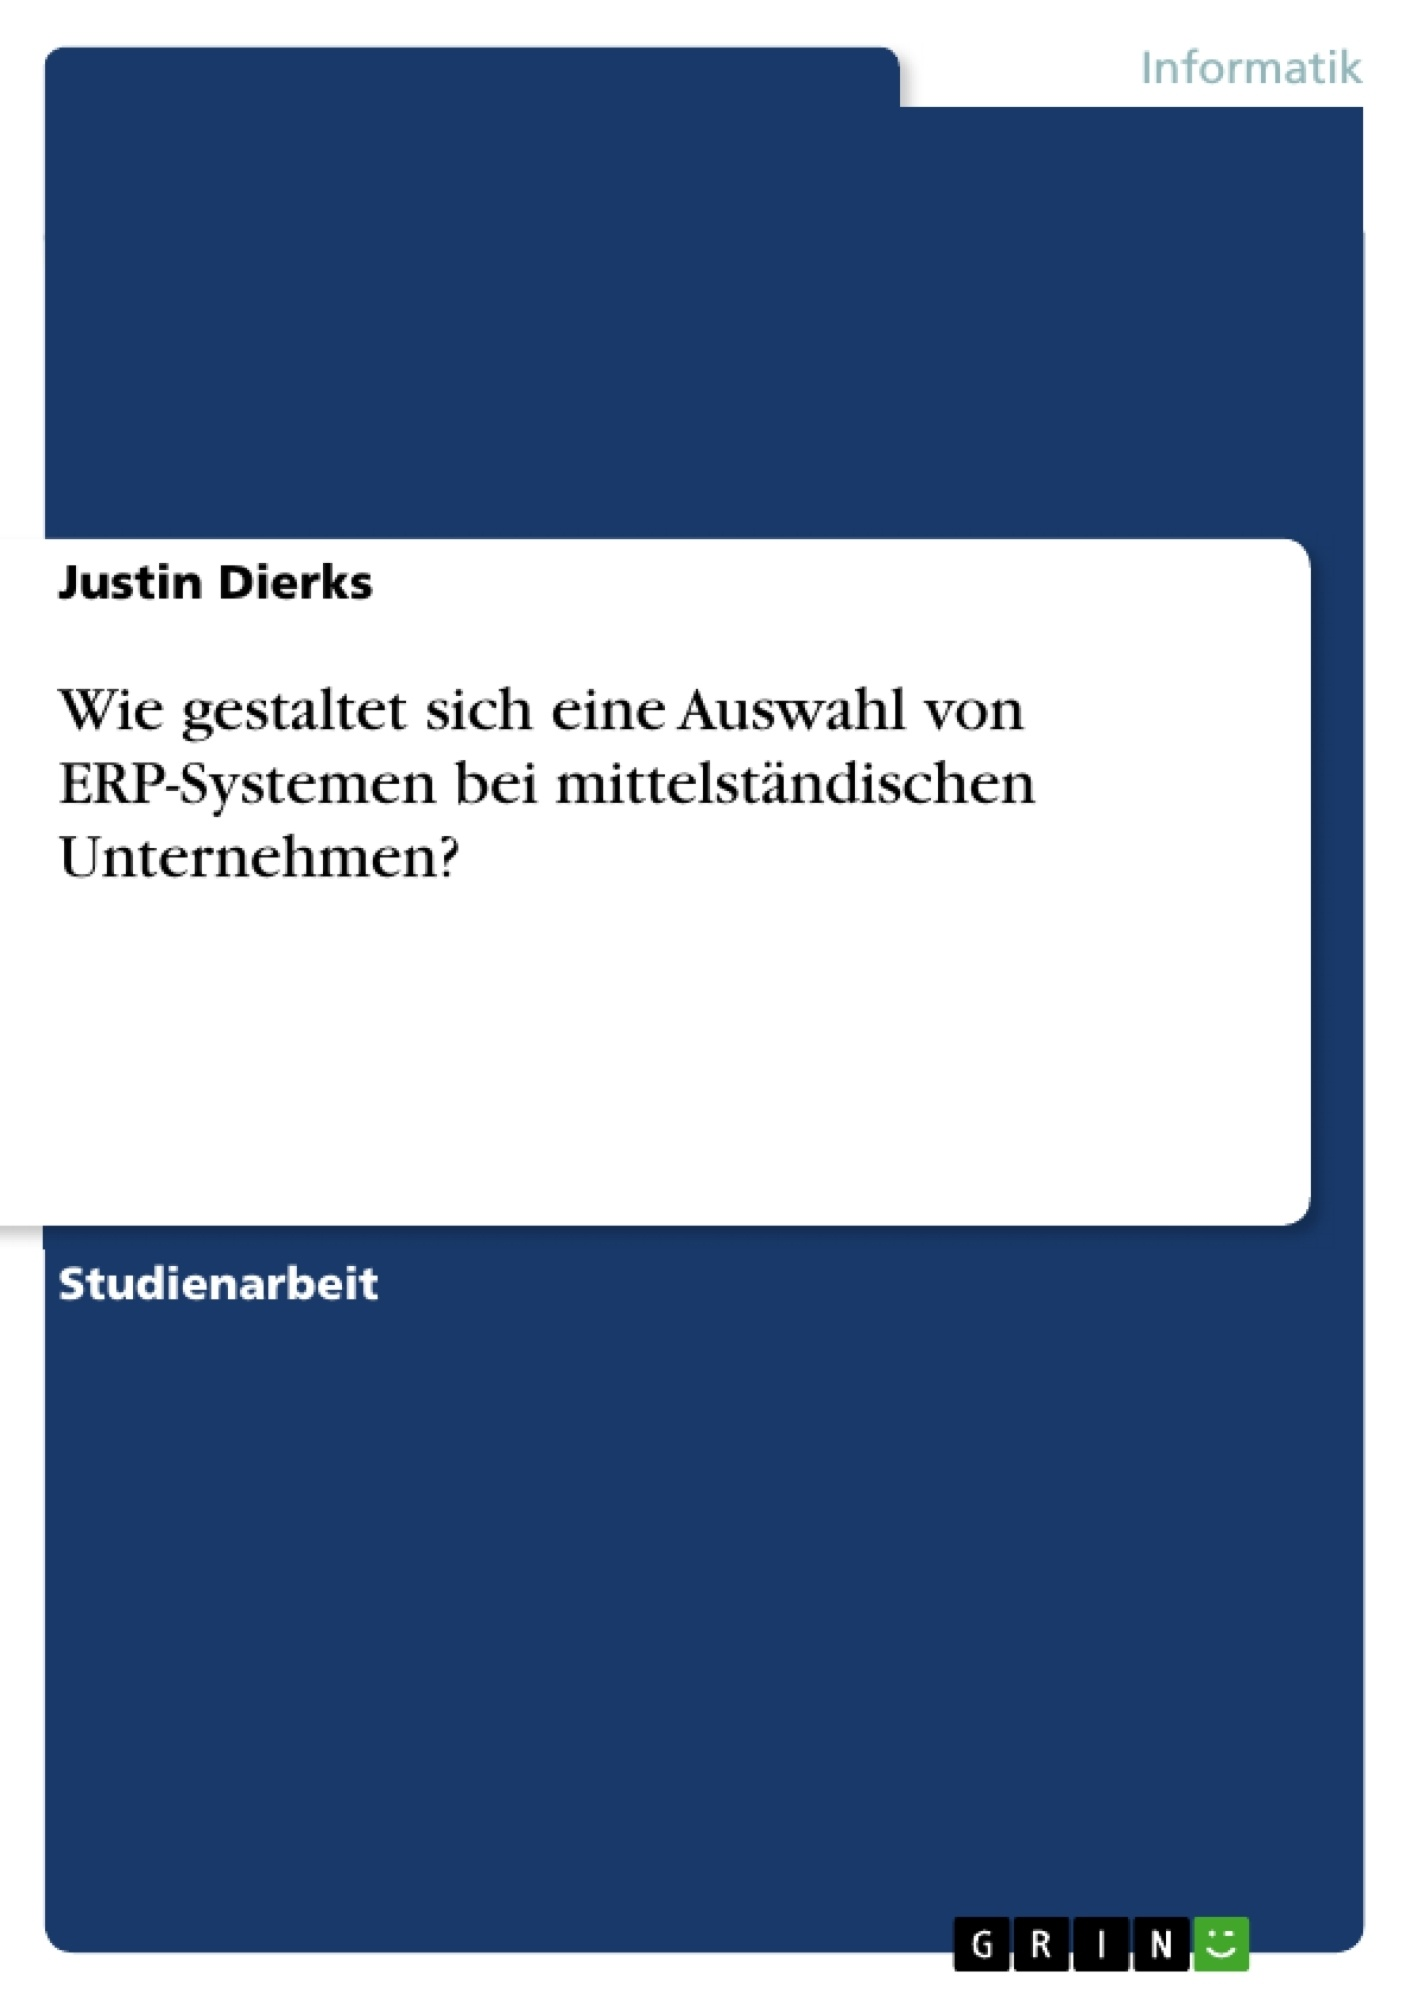 Titel: Wie gestaltet sich eine Auswahl von ERP-Systemen bei mittelständischen Unternehmen?